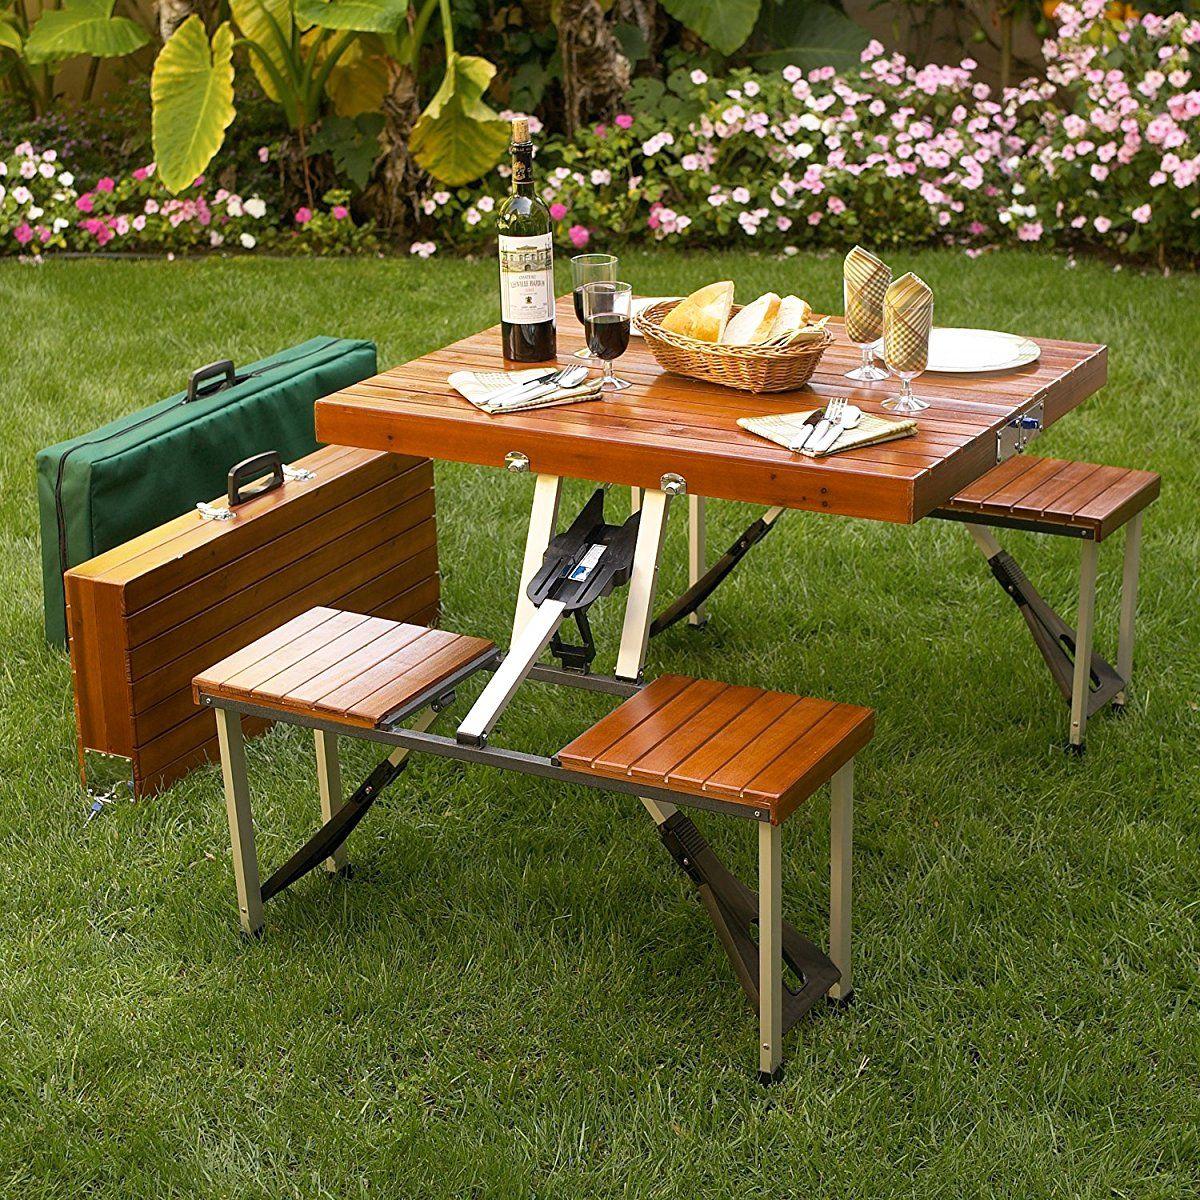 Picnic At Ascot Portable Picnic Table Set Folding Picnic Table Portable Picnic Table Picnic Table